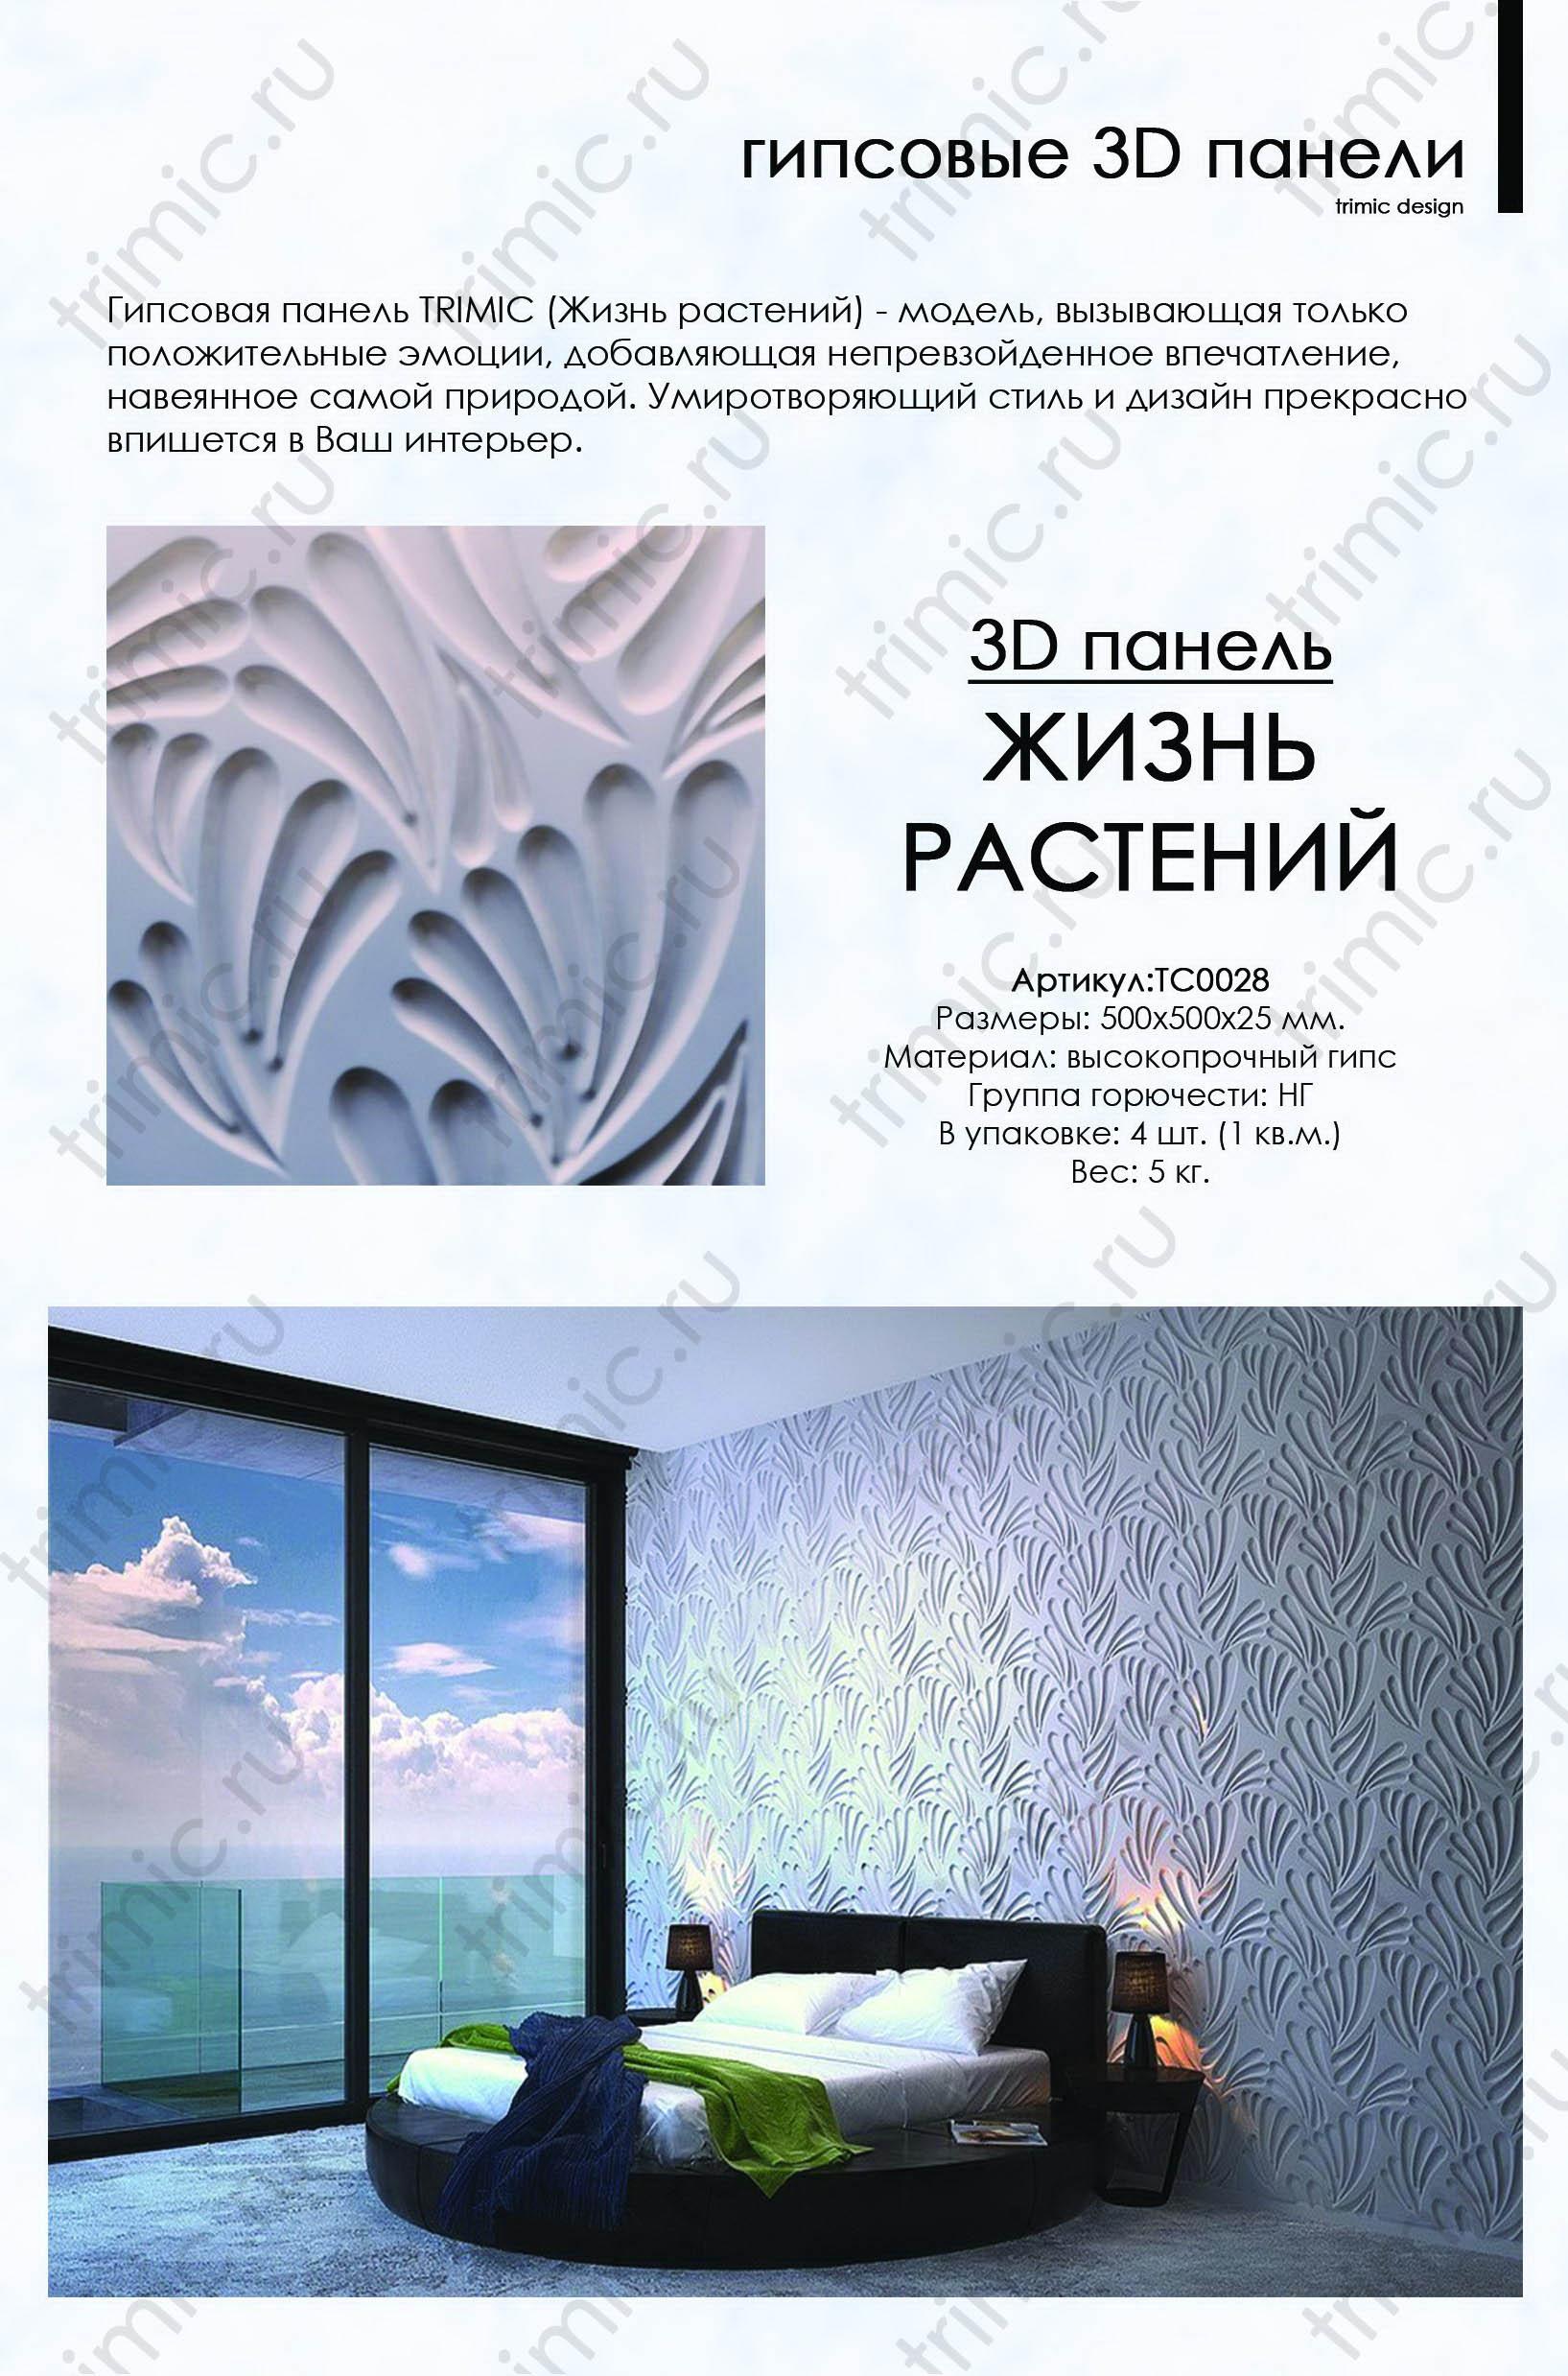 """Фотографии 3D панелей """"Жизнь растений"""" в интерьере"""